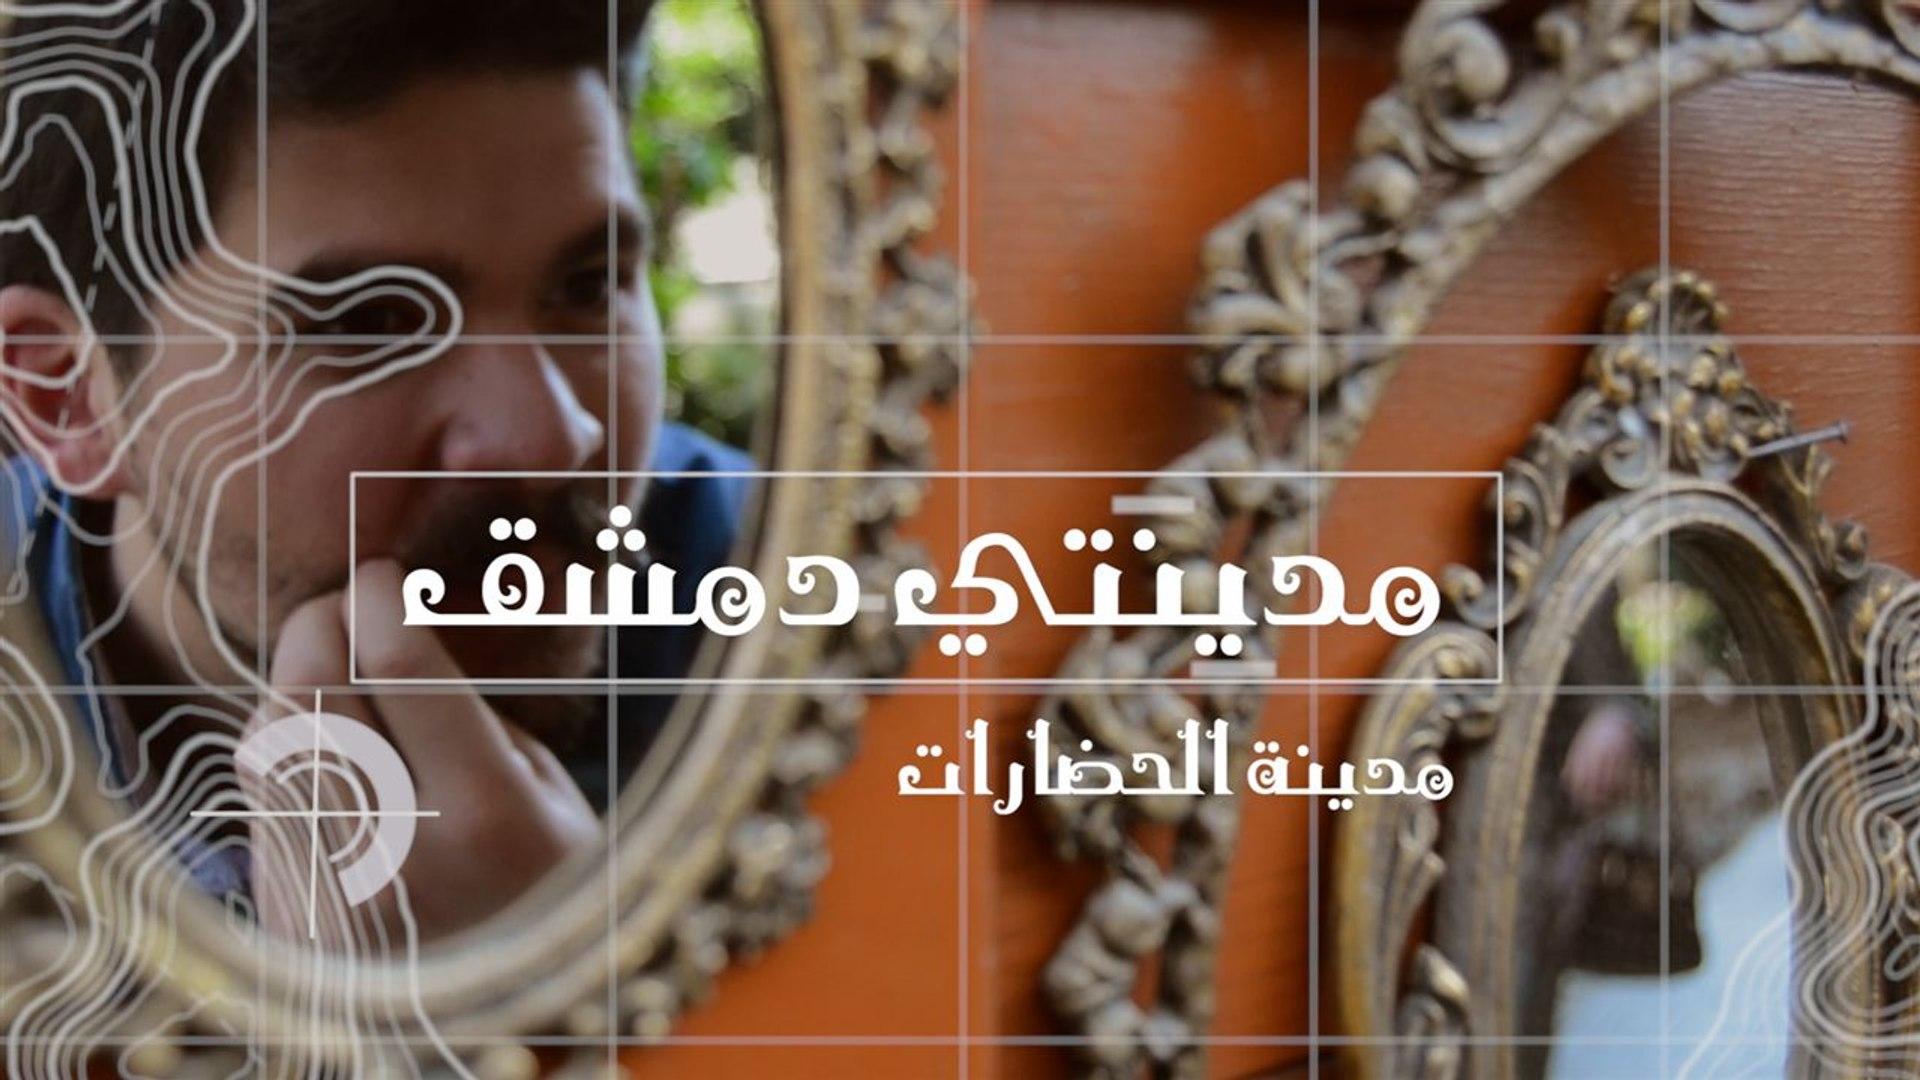 مدينتي دمشق: مدينة الحضارات